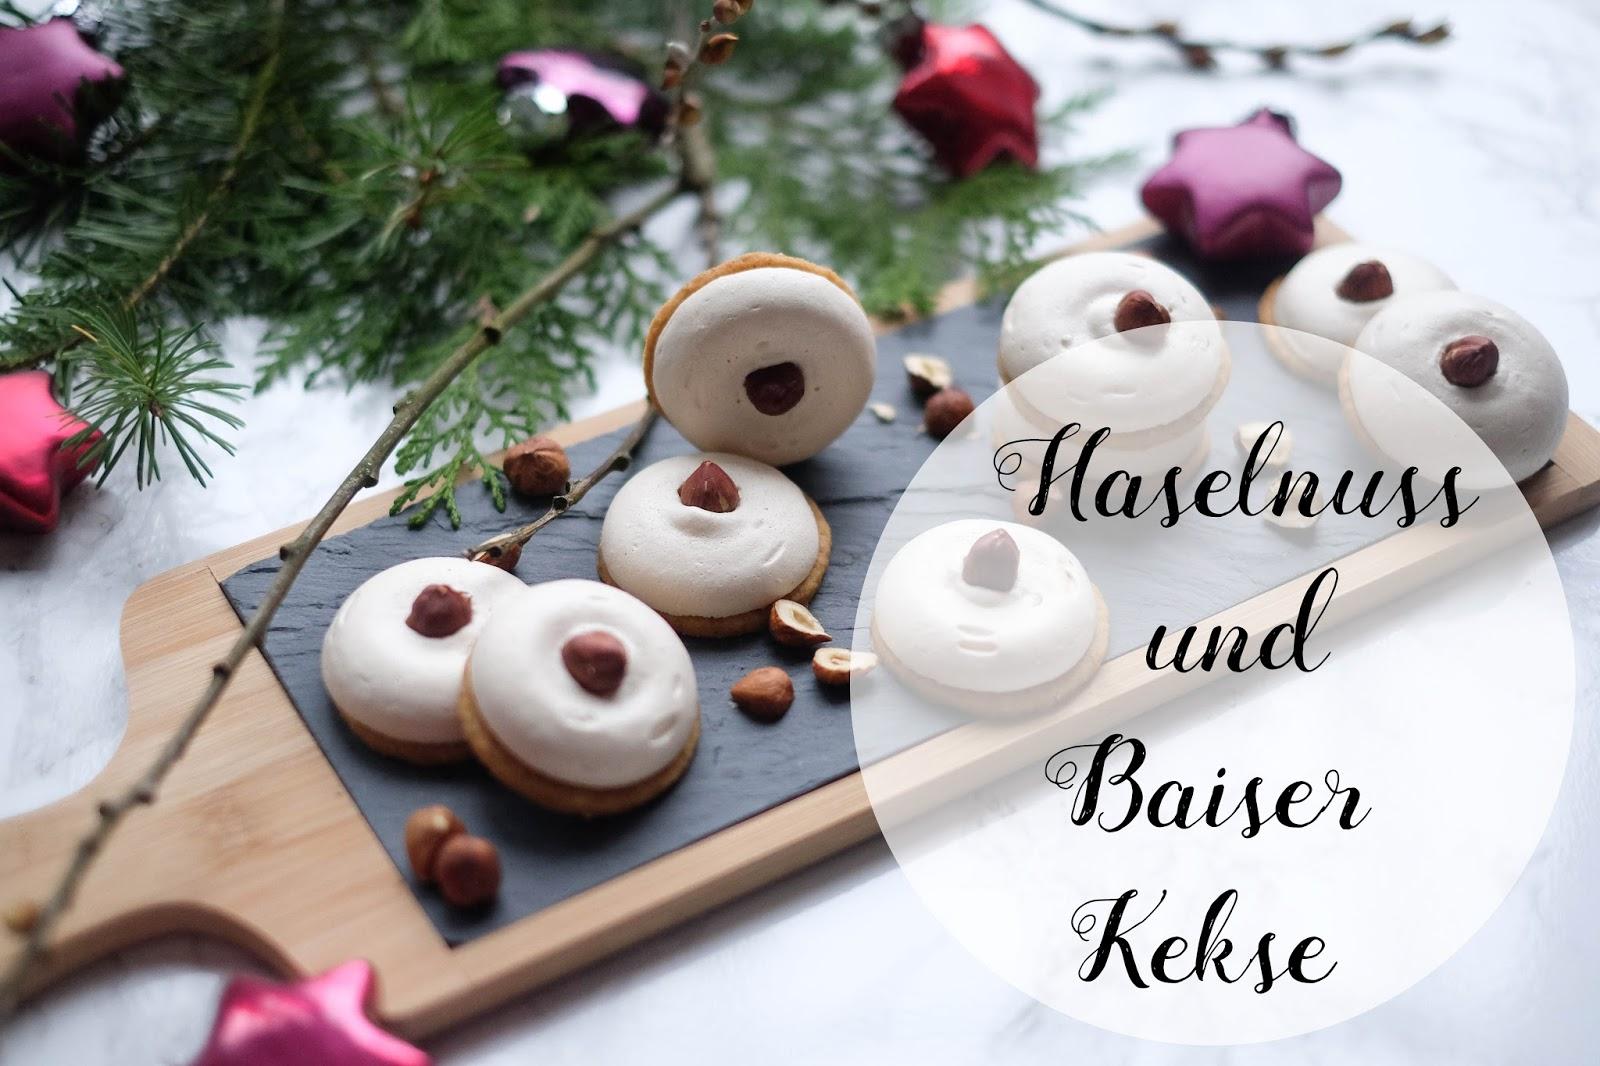 Haselnuss Und Baiser Kekse Marion S Kaffeeklatsch